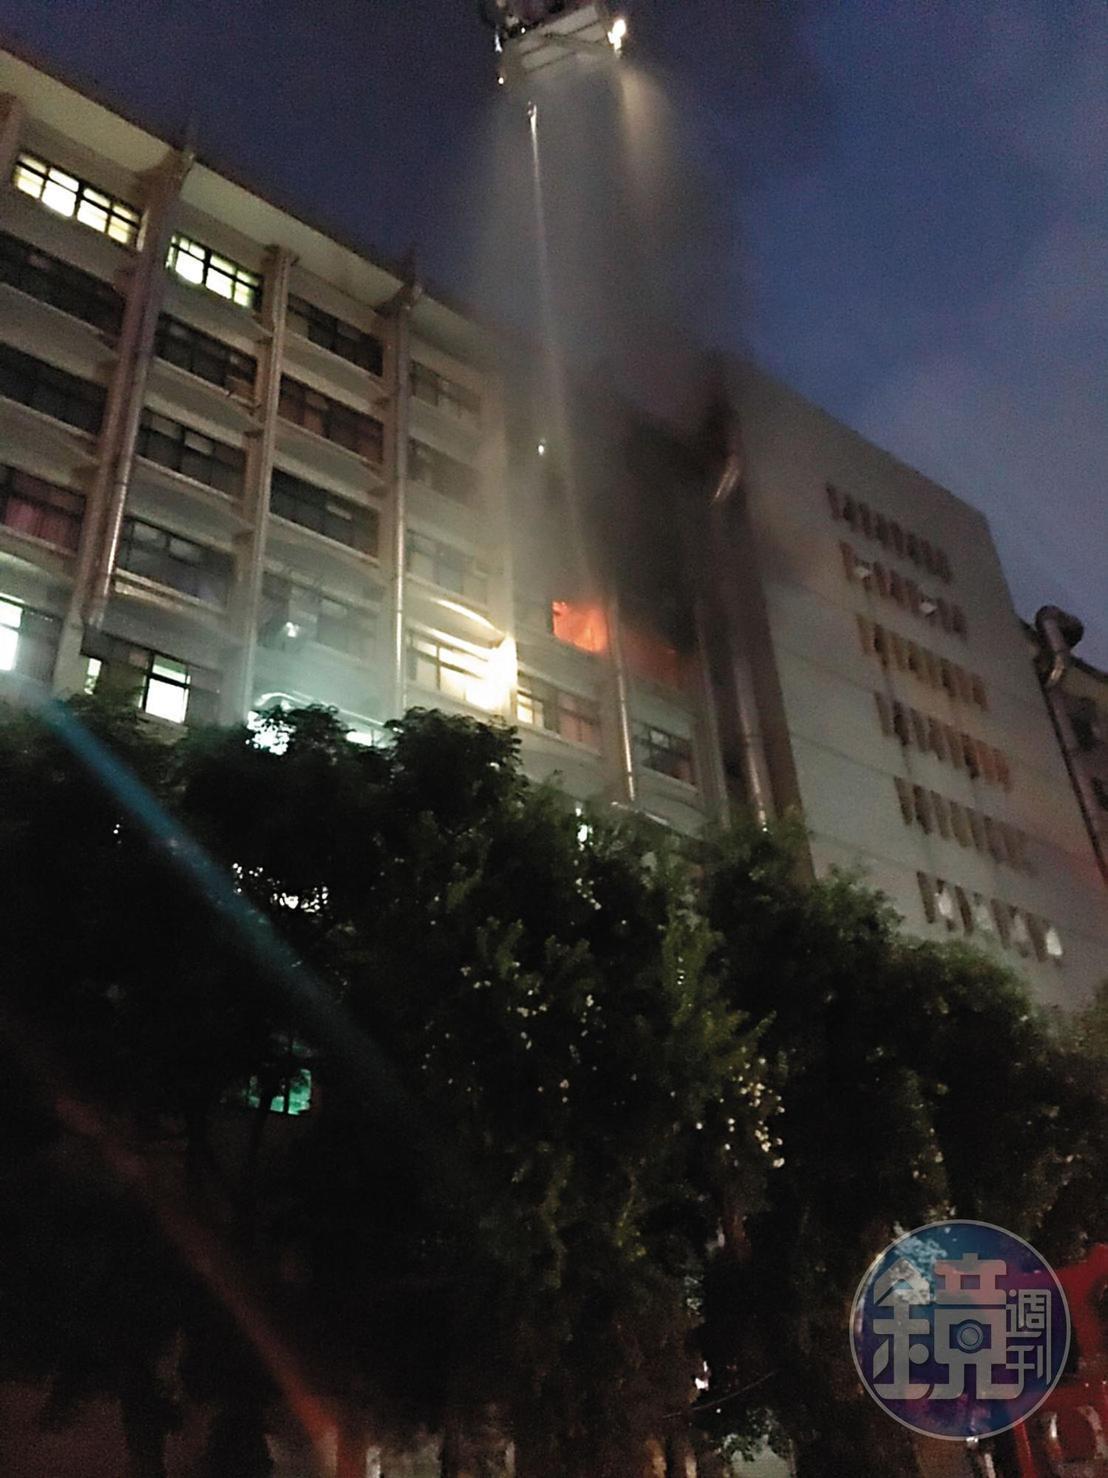 衛福部台北醫院7樓的安寧病房區發生火警,造成9死30傷慘劇。